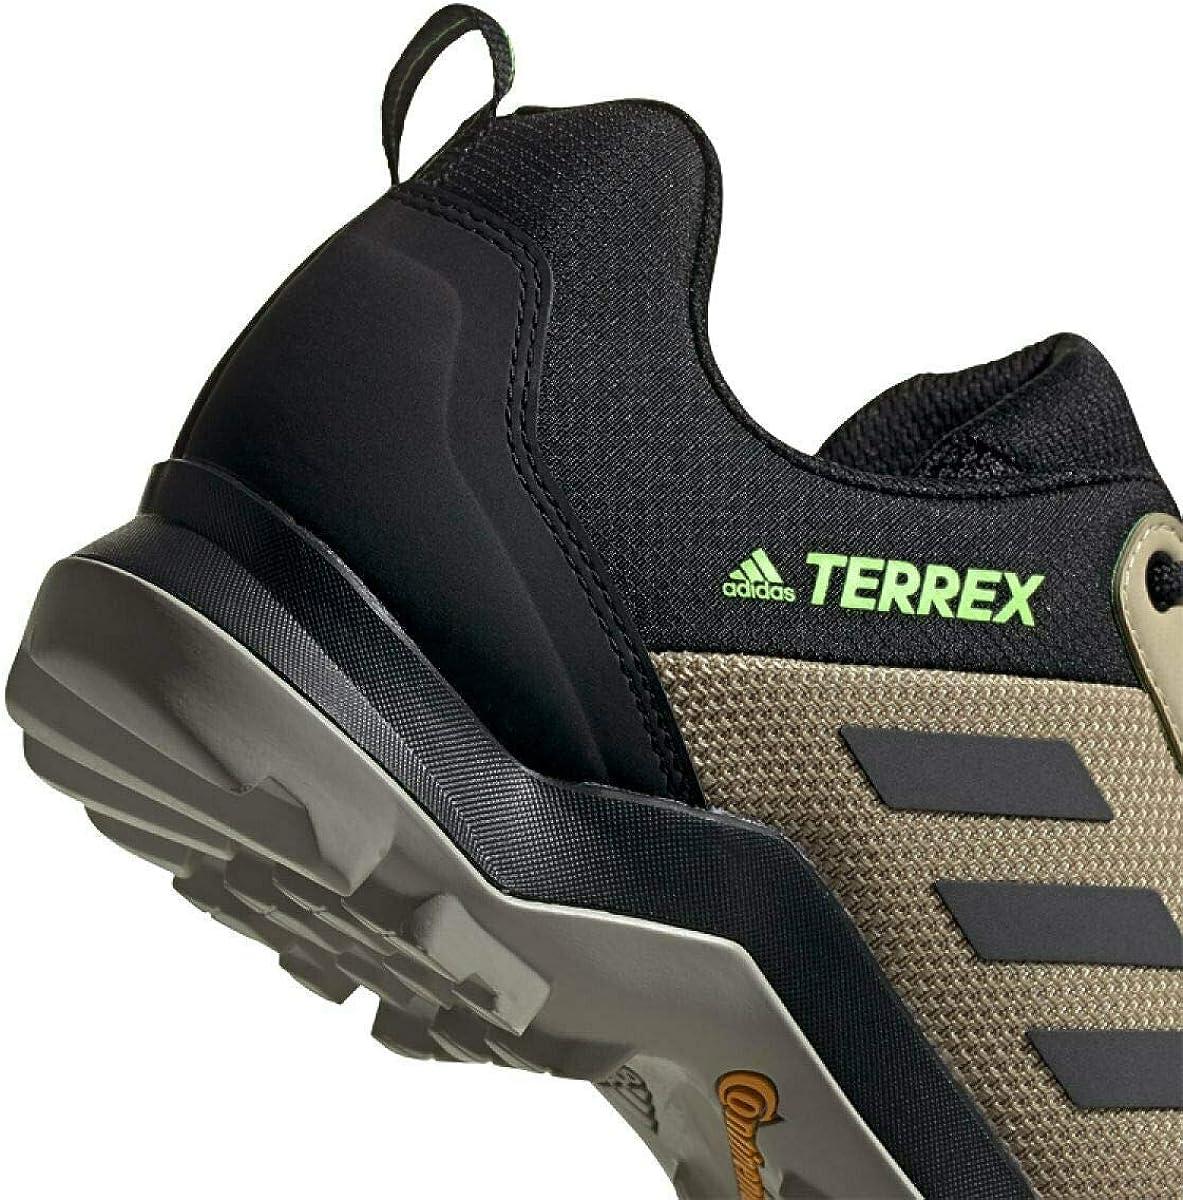 Adidas Herren Terrex Ax3 Leichtathletik-Schuh Savannah Core Schwarz Signal Grün